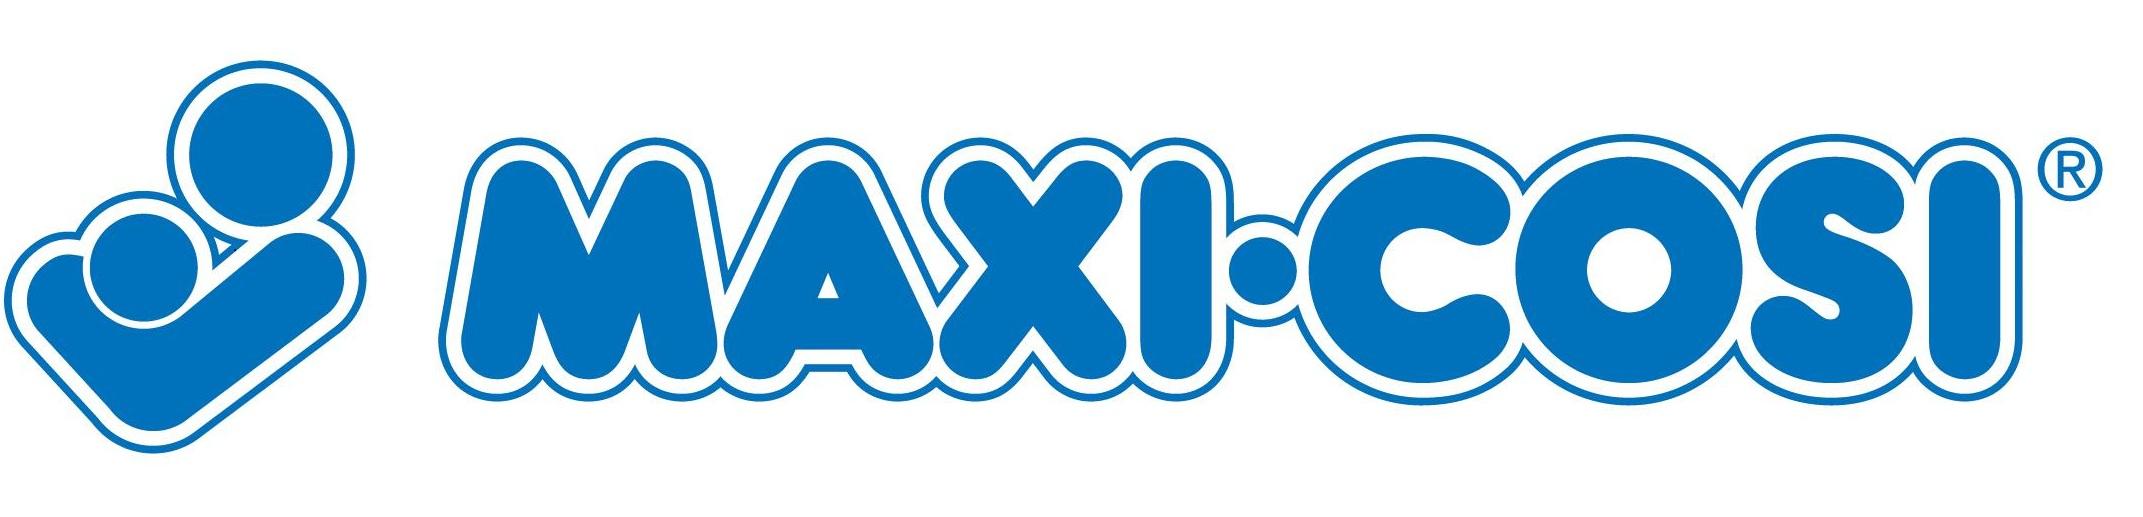 официальный интернет-магазин детских автокресел Maxi Cosi. Перейти на главную